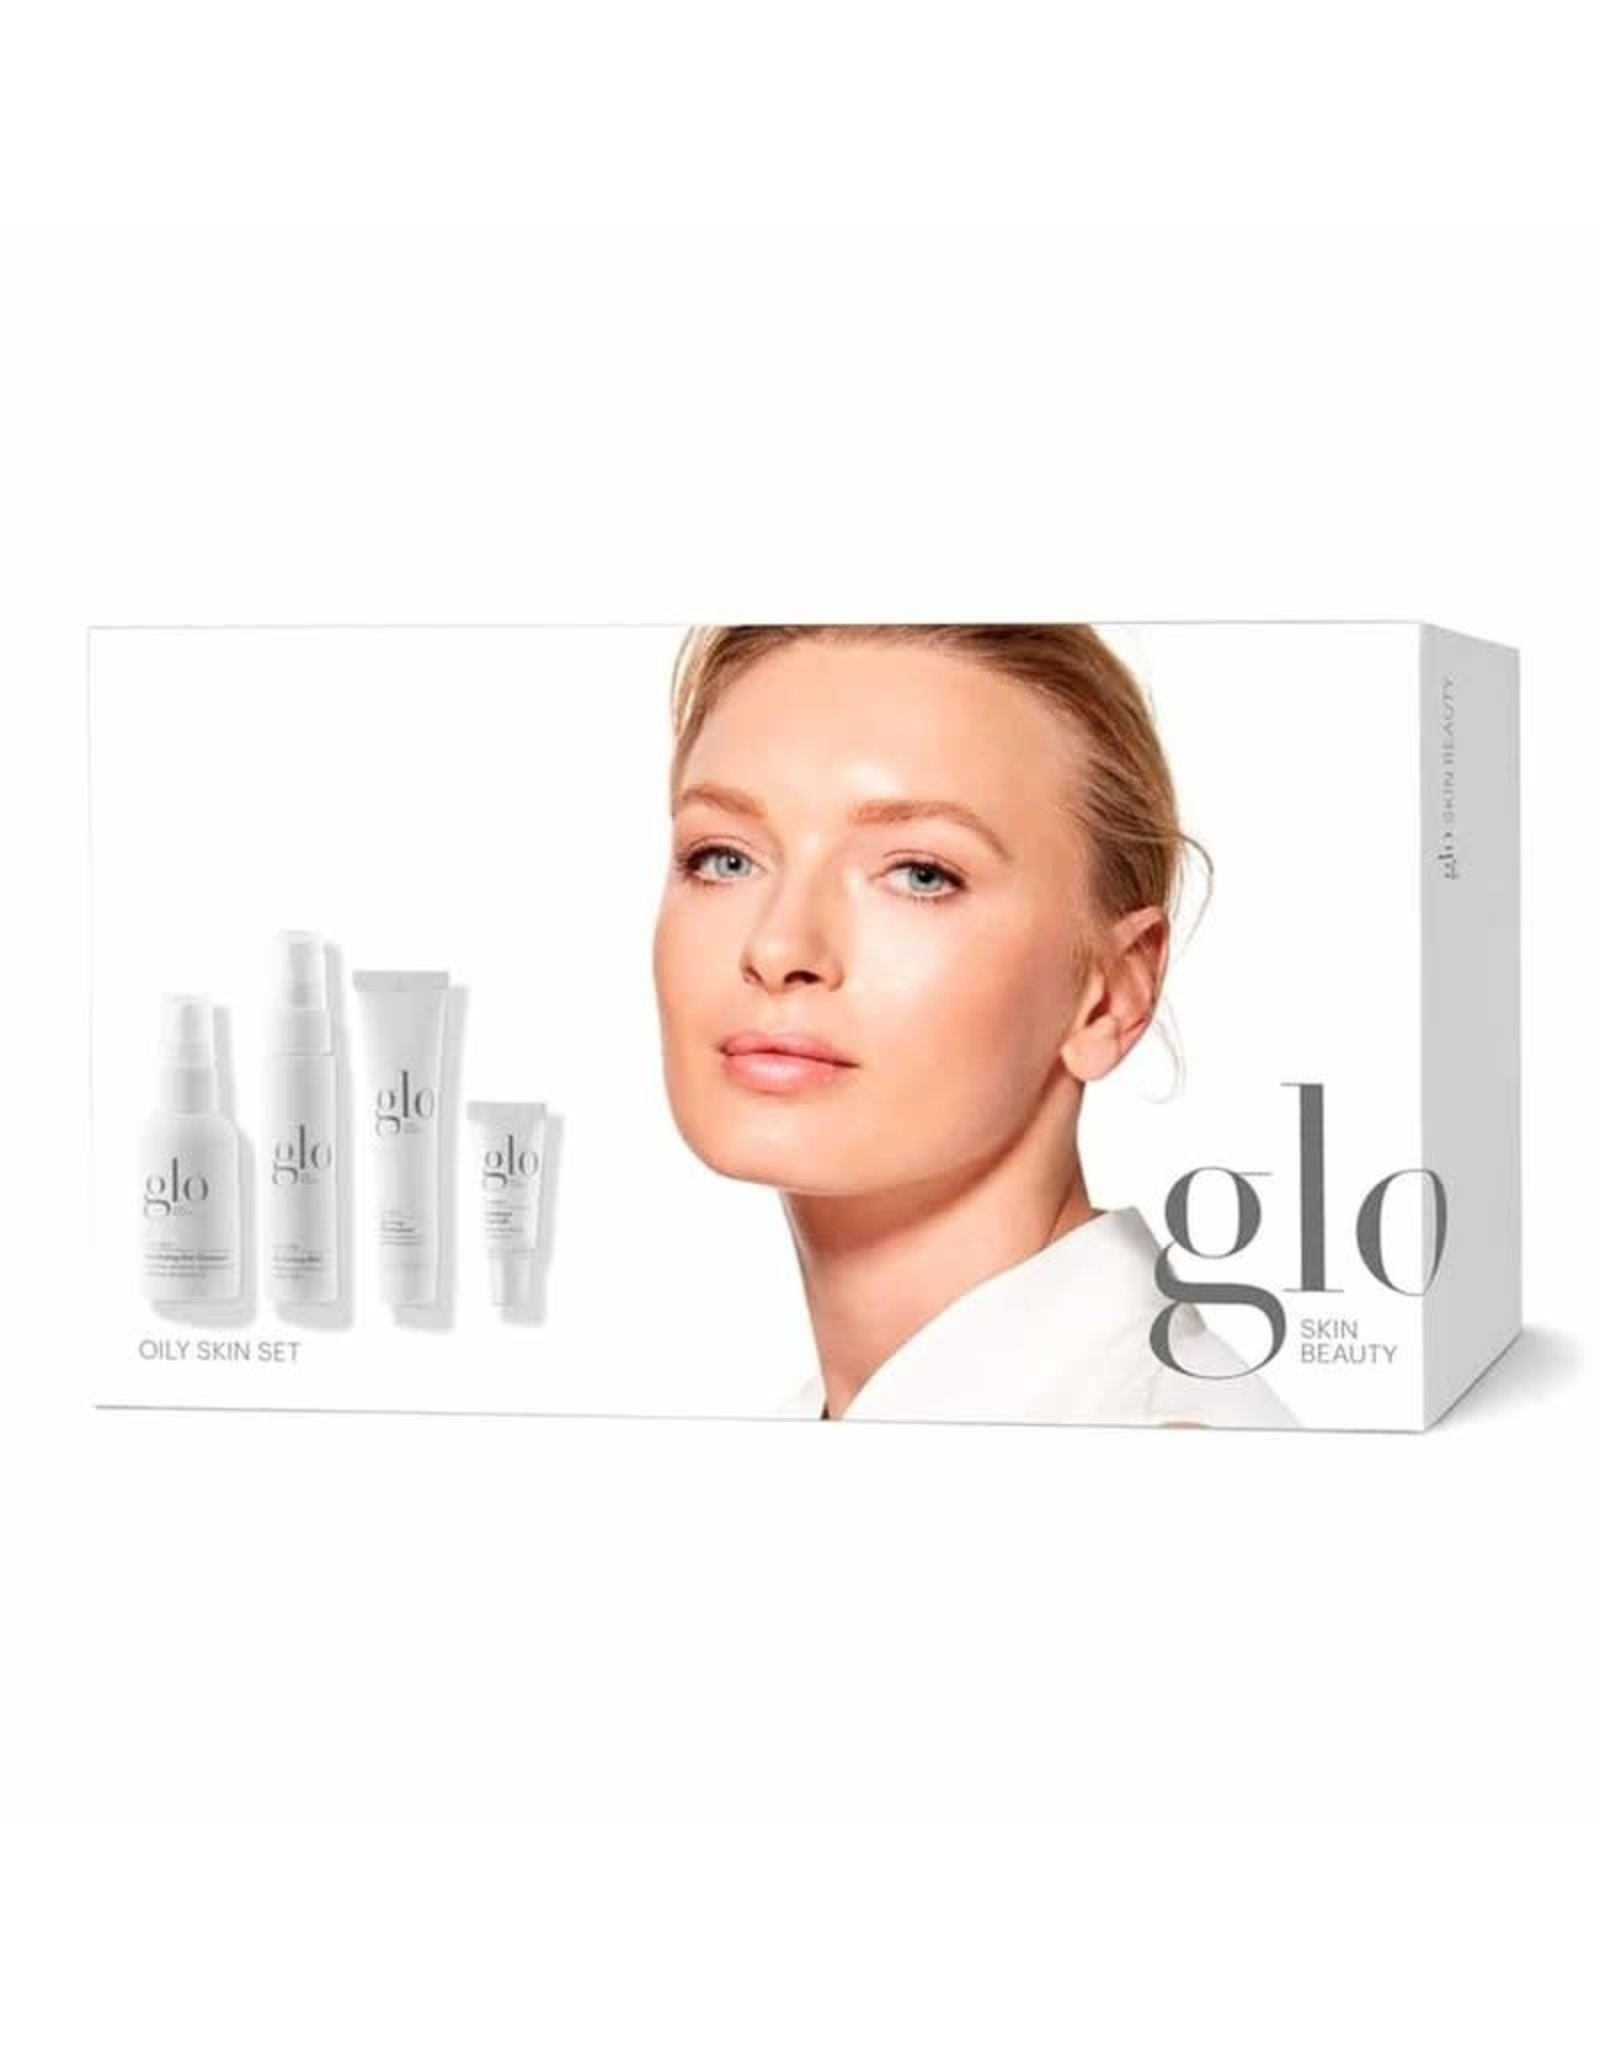 Glo Skin Beauty Oily Skin Set